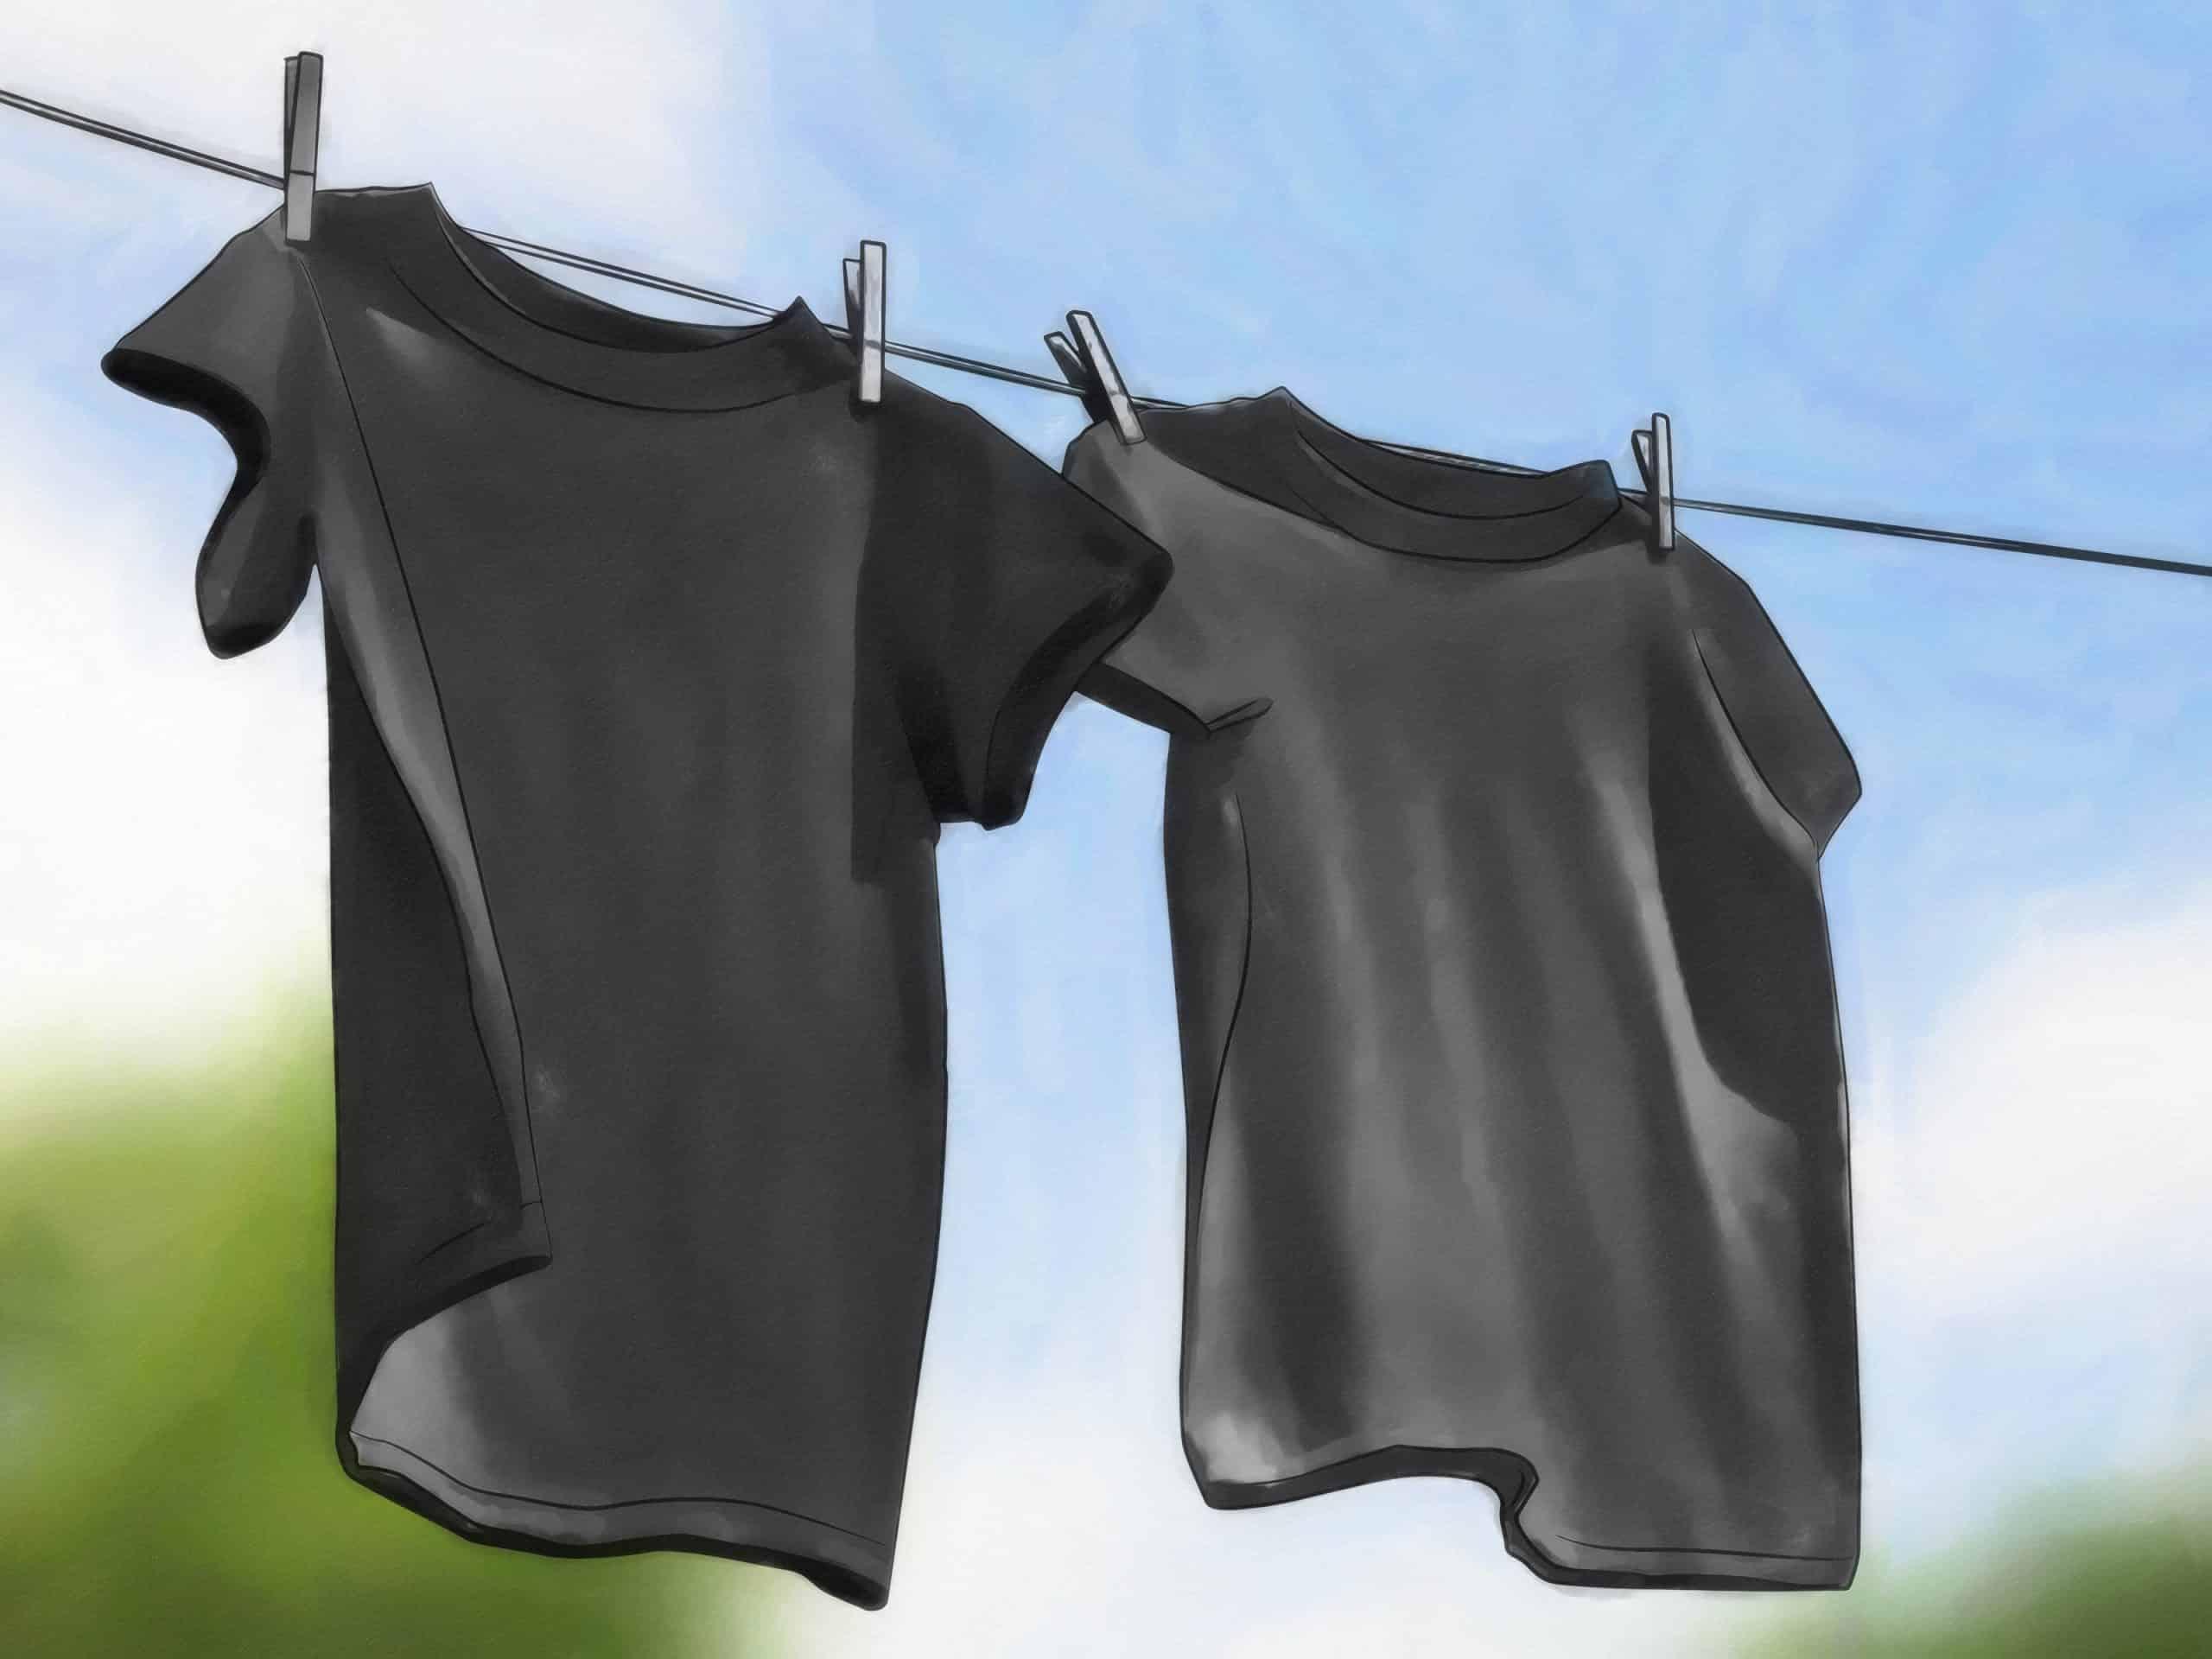 نصائح لغسل الملابس السوداء مع الحفاظ على رونقها